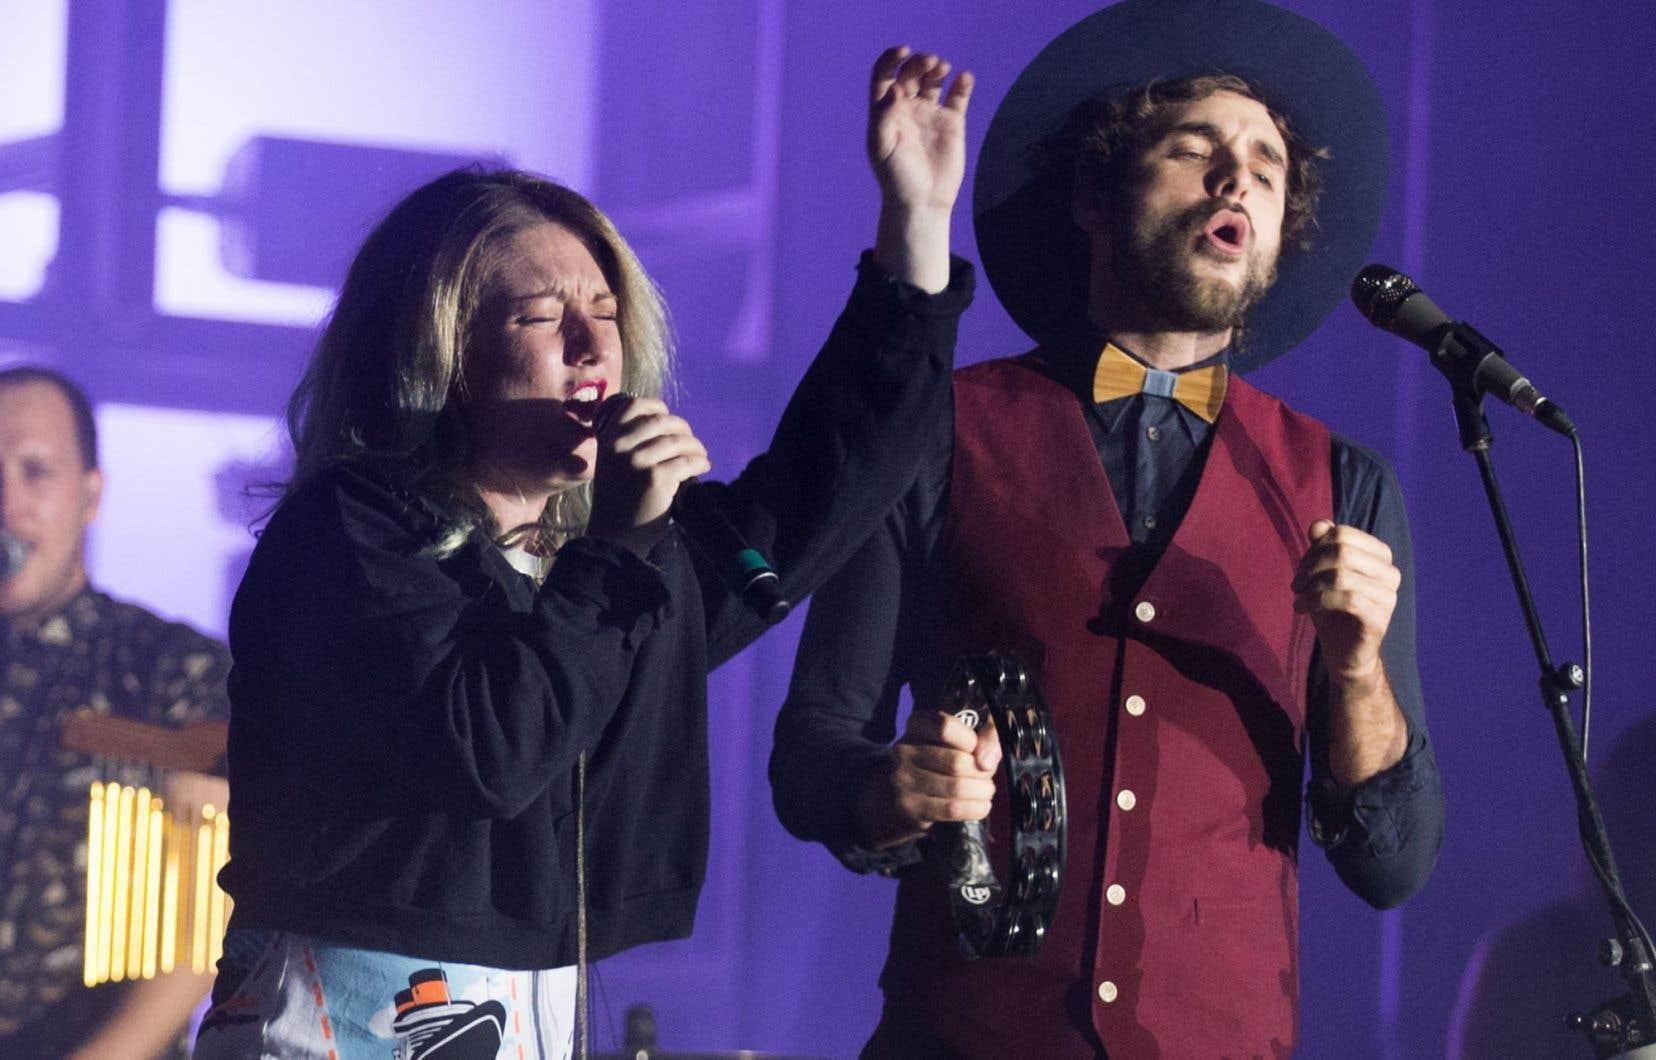 Le chanteur Alex Nevsky s'est ainsi produit devant l'une des foules les plus imposantes de son histoire. Ici avec Fanny Bloom.